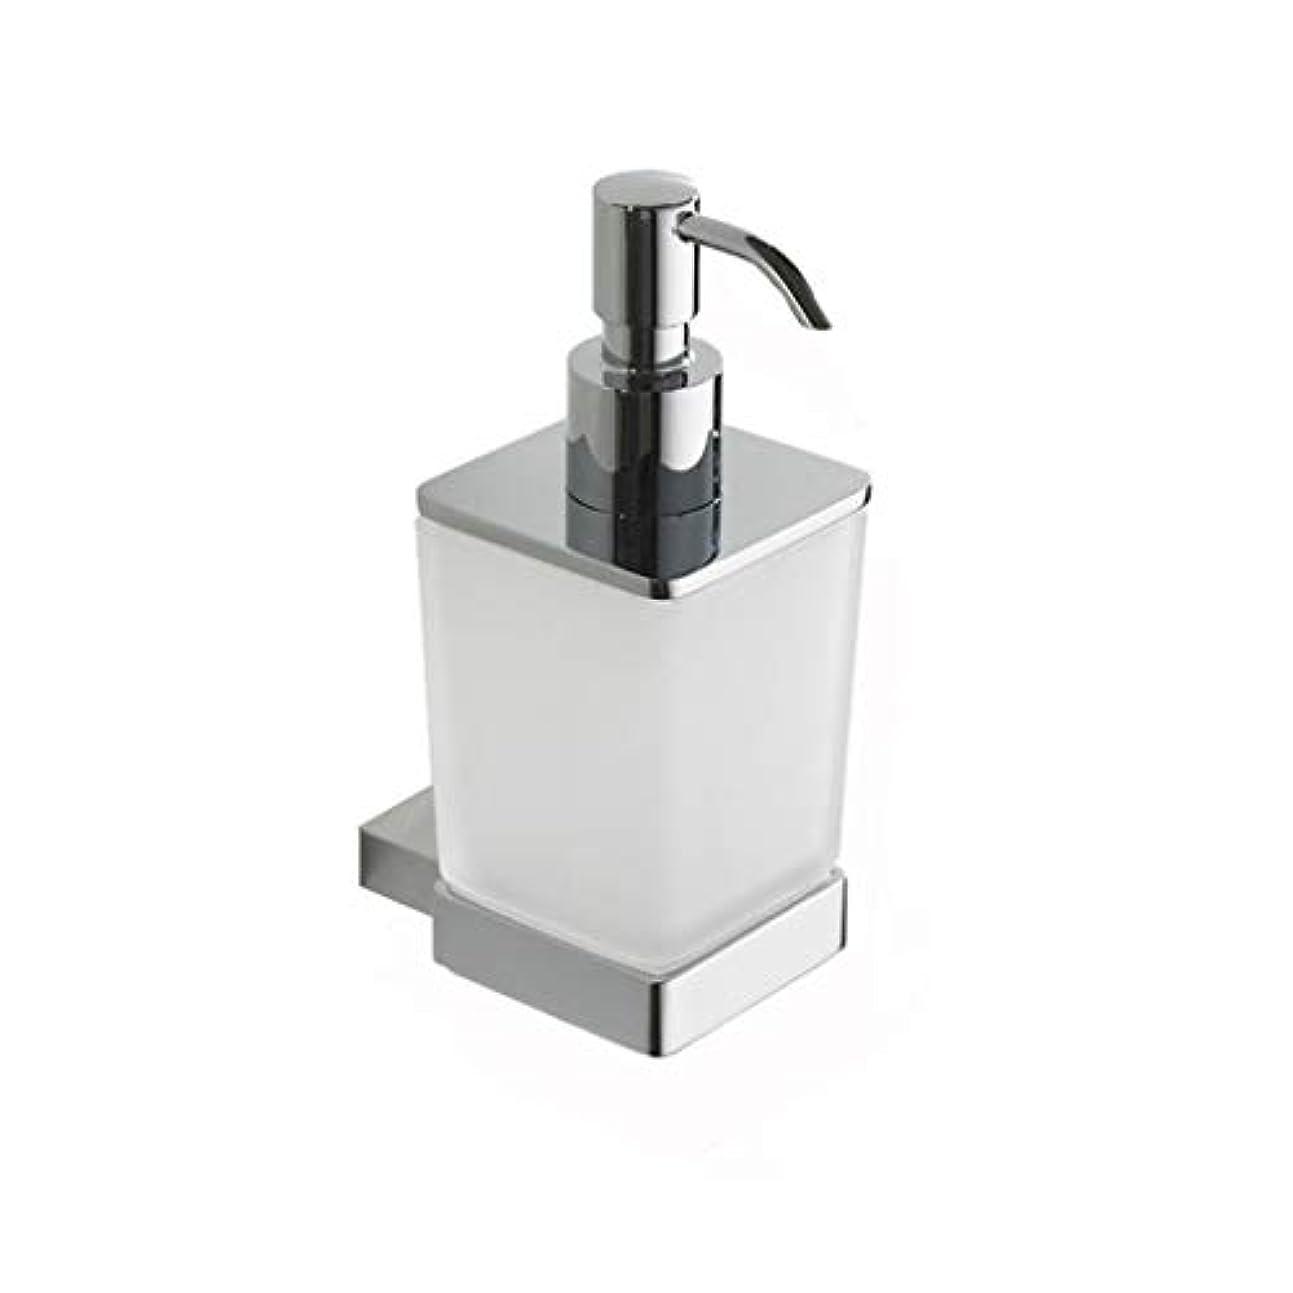 財政魚超高層ビルKylinssh 、浴室のための金属の詰め替え式液体手の石鹸ディスペンサーポンプボトル - 安い、ディスカウント価格また手の消毒剤及び精油のために使用することができます